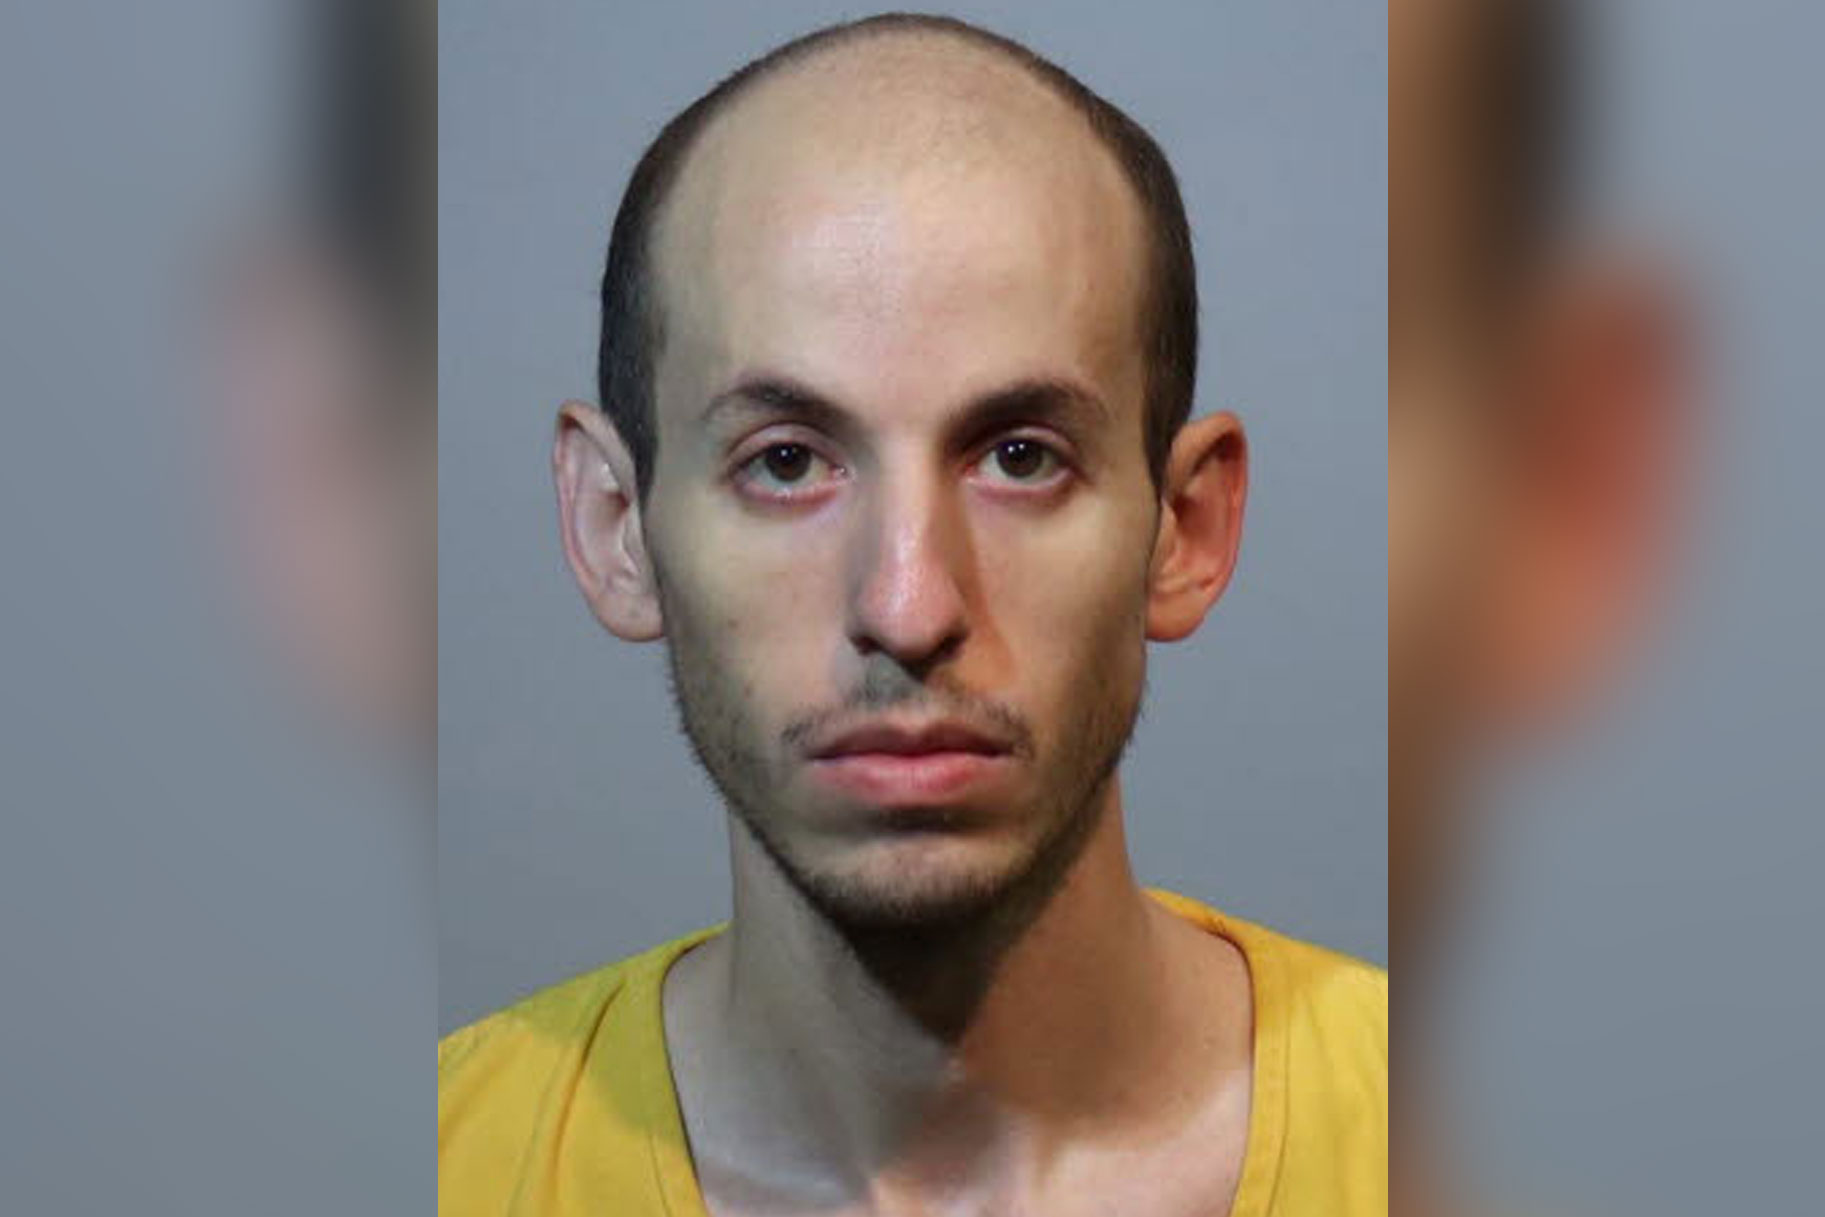 Florida-mand, der dræbte familie på grund af forholdet til den bulgarske webcam-pige, der blev dømt til liv i fængsel